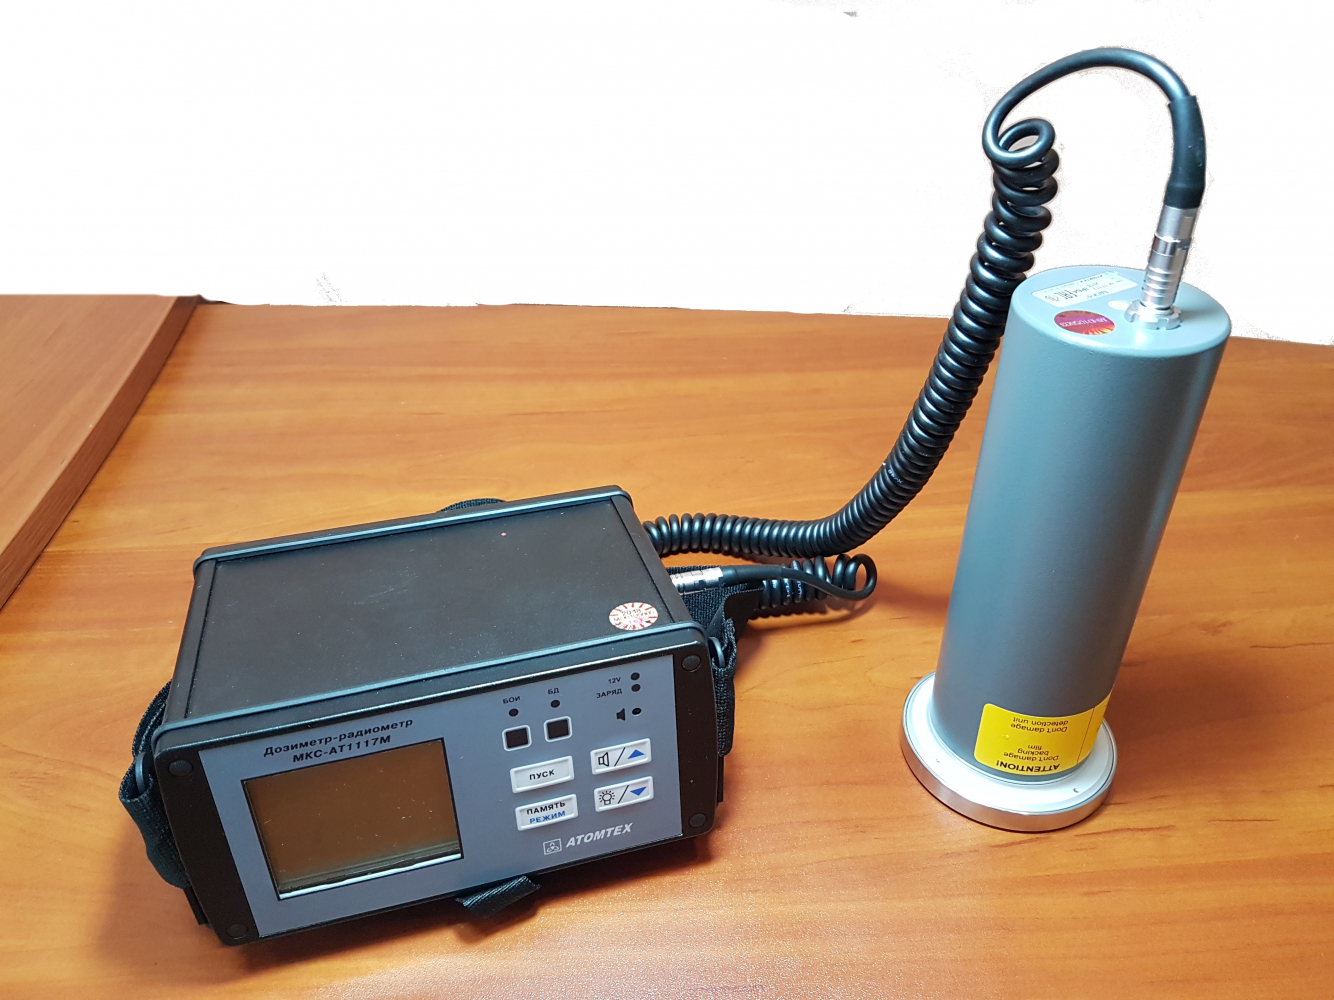 Дозиметр радіометр МКС-АТ1117М з зовнішнім блоком детектування альфа випромінювання БДПА-01 - 4